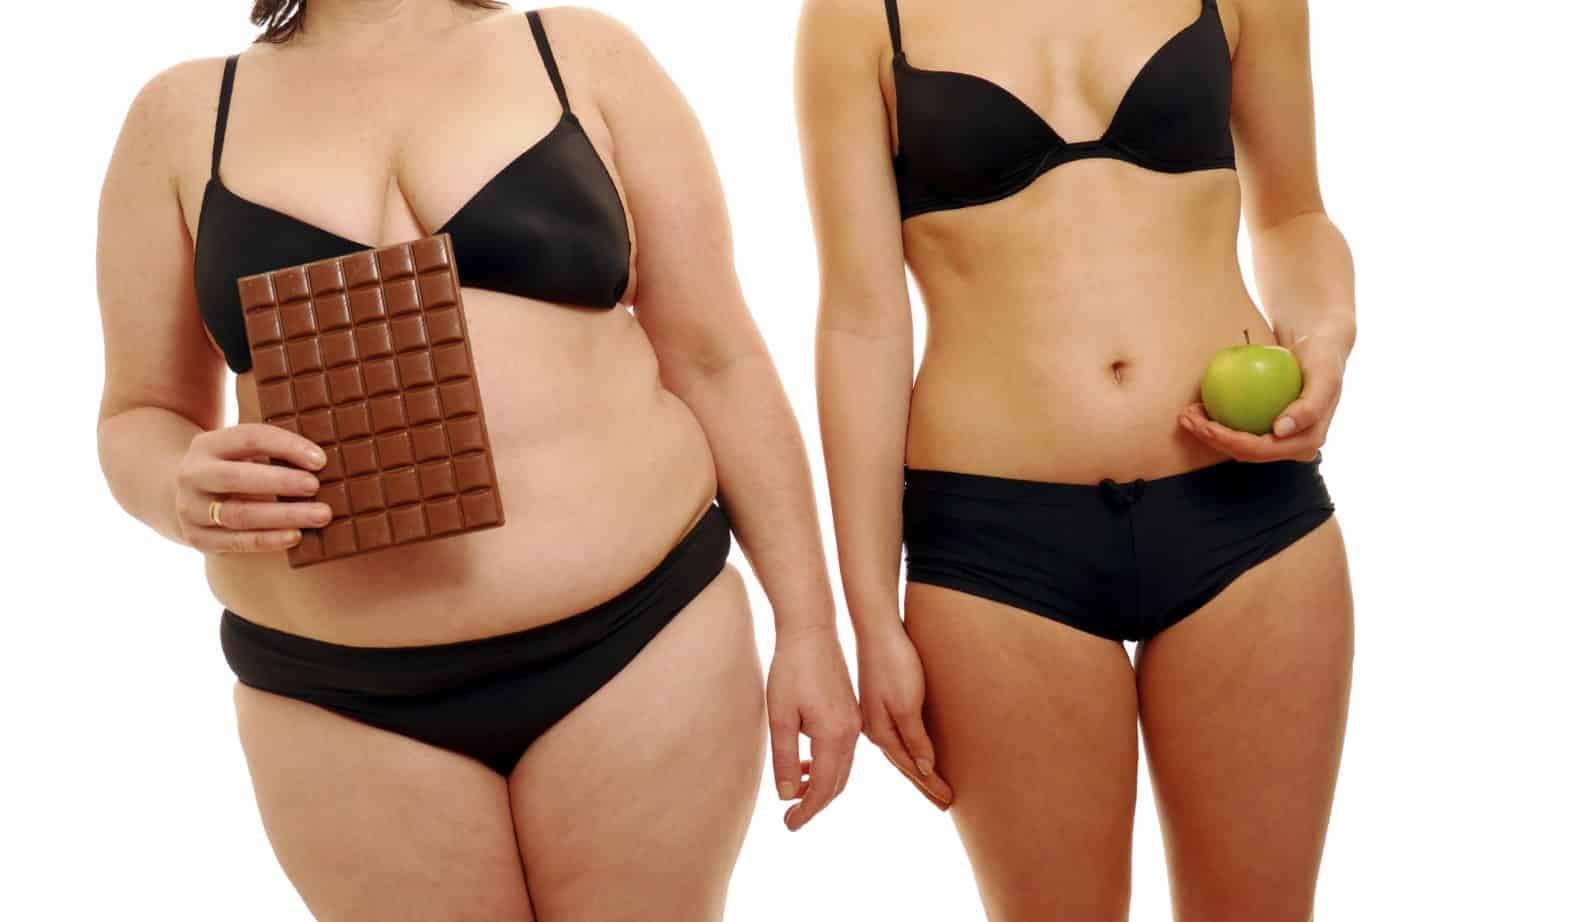 Хочу побыстрее похудеть